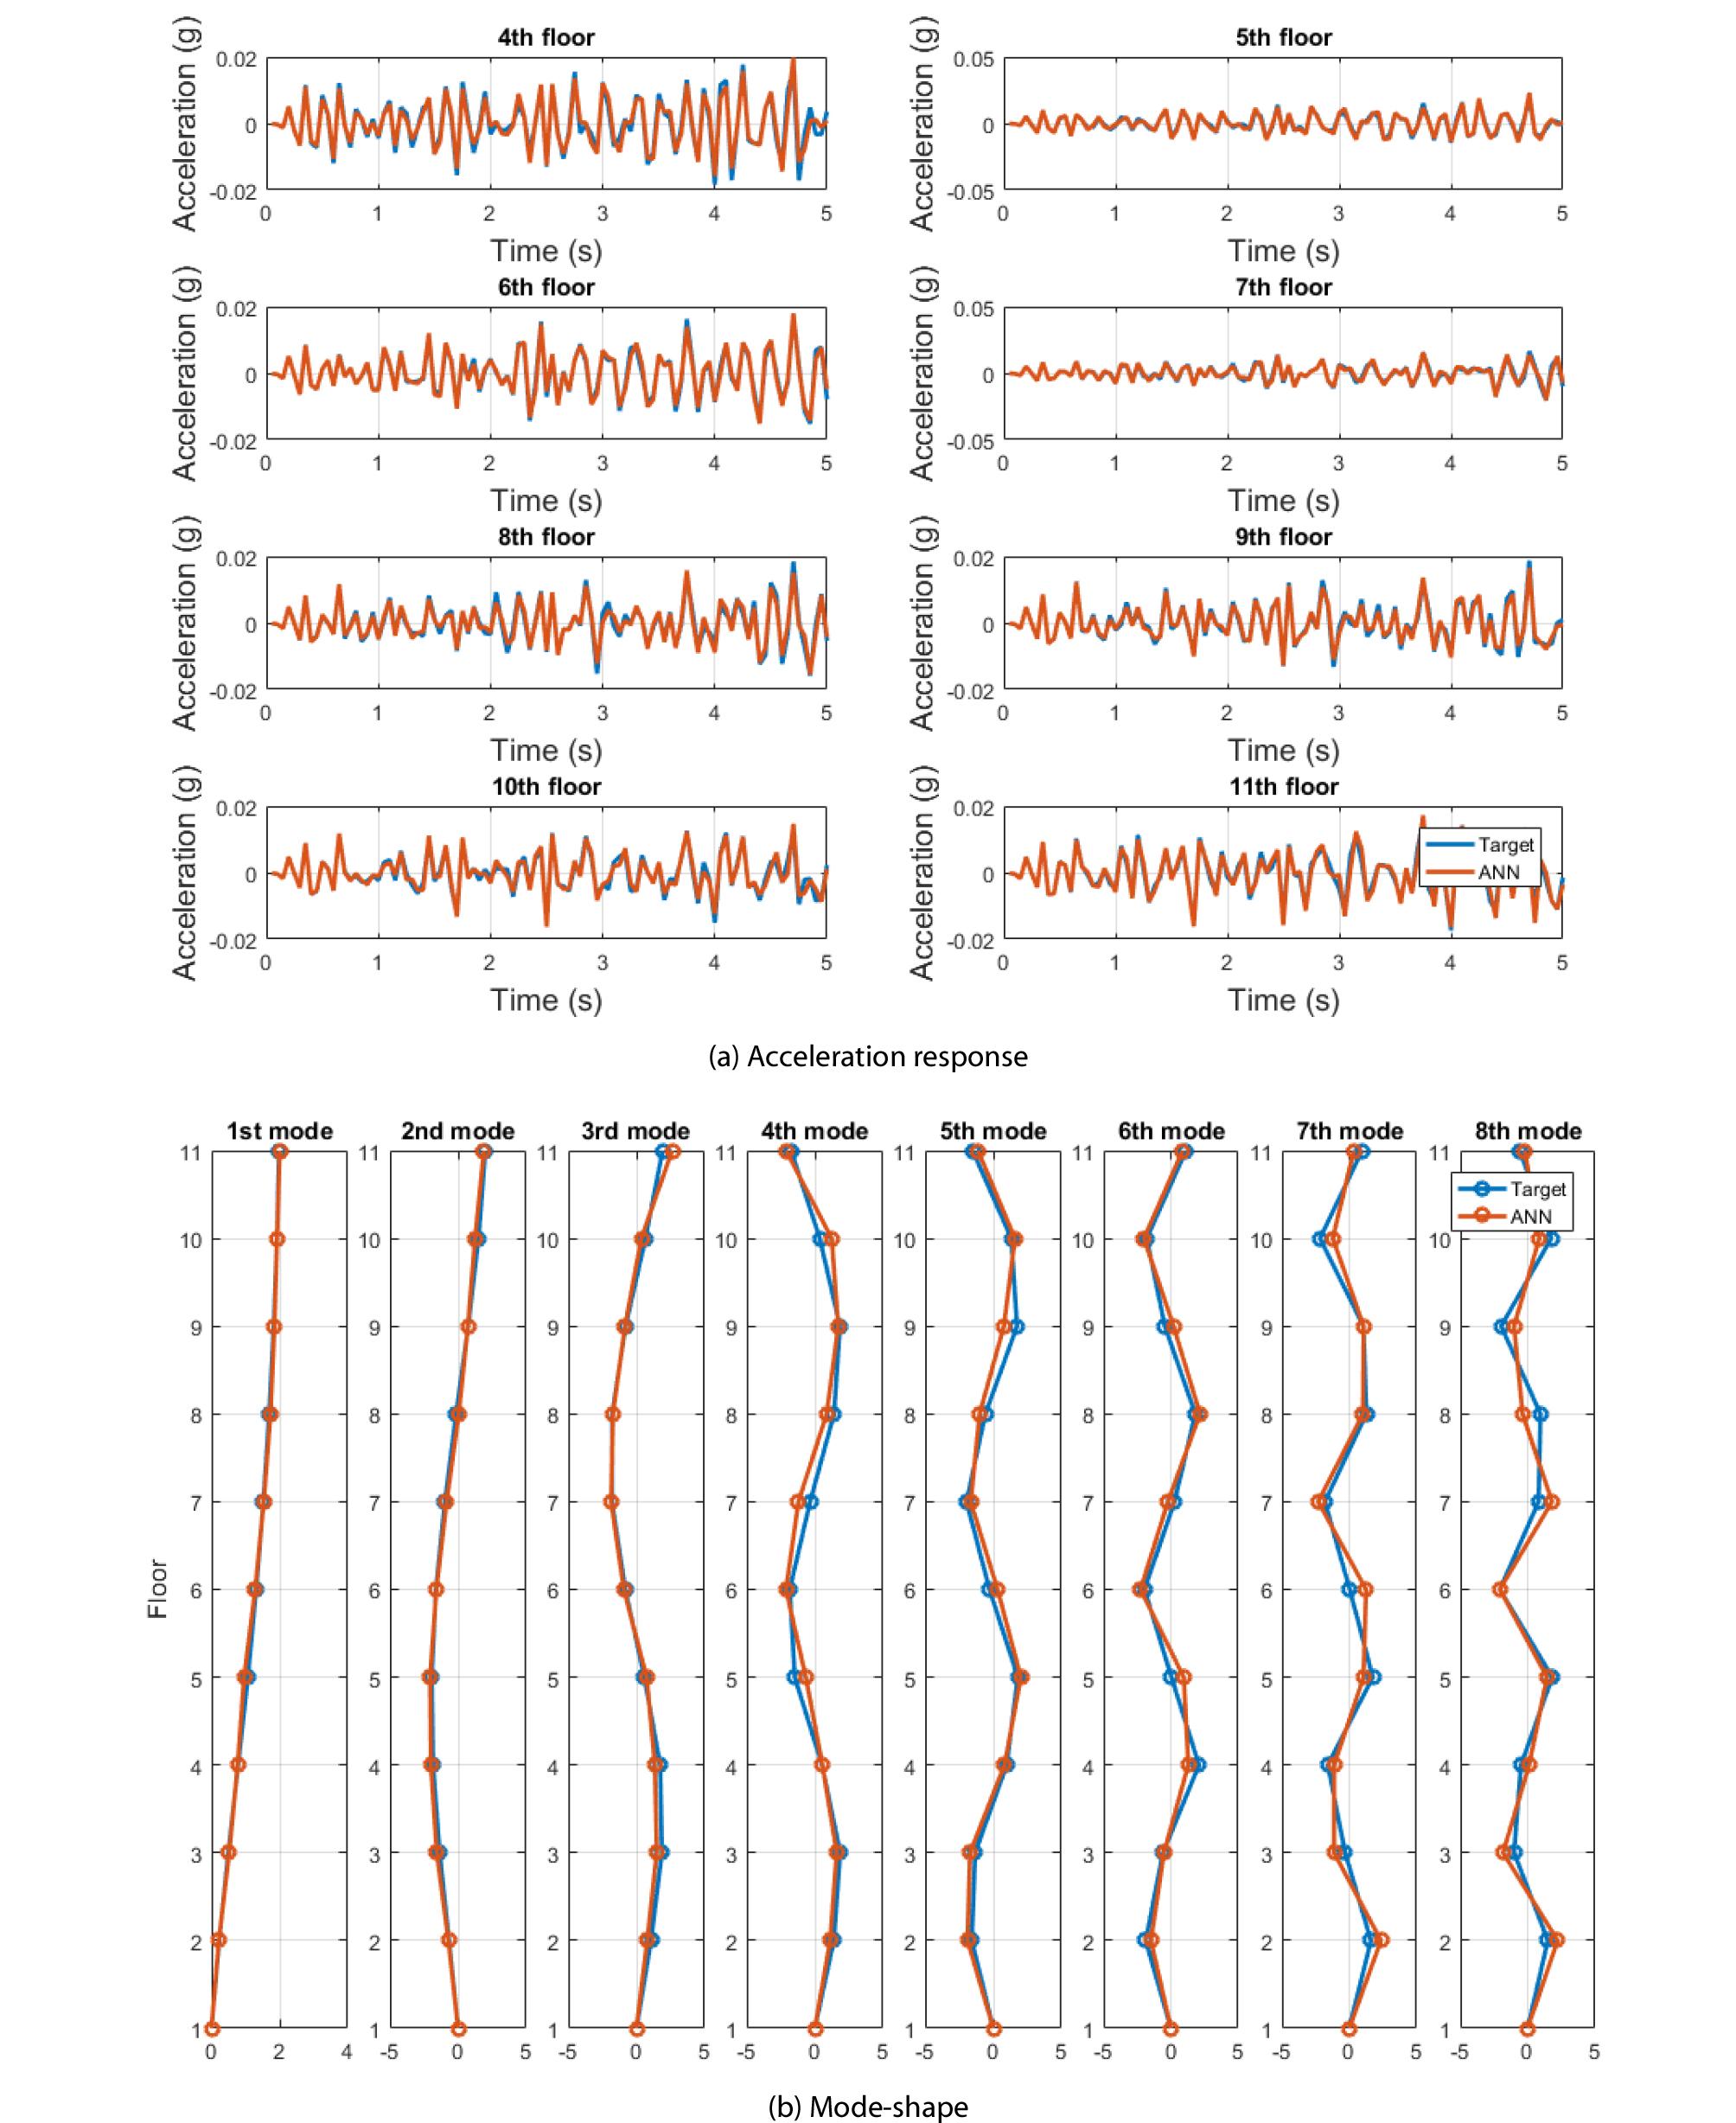 http://static.apub.kr/journalsite/sites/jcoseik/2020-033-05/N0040330504/images/Figure_jcoseik_33_05_04_F7.jpg